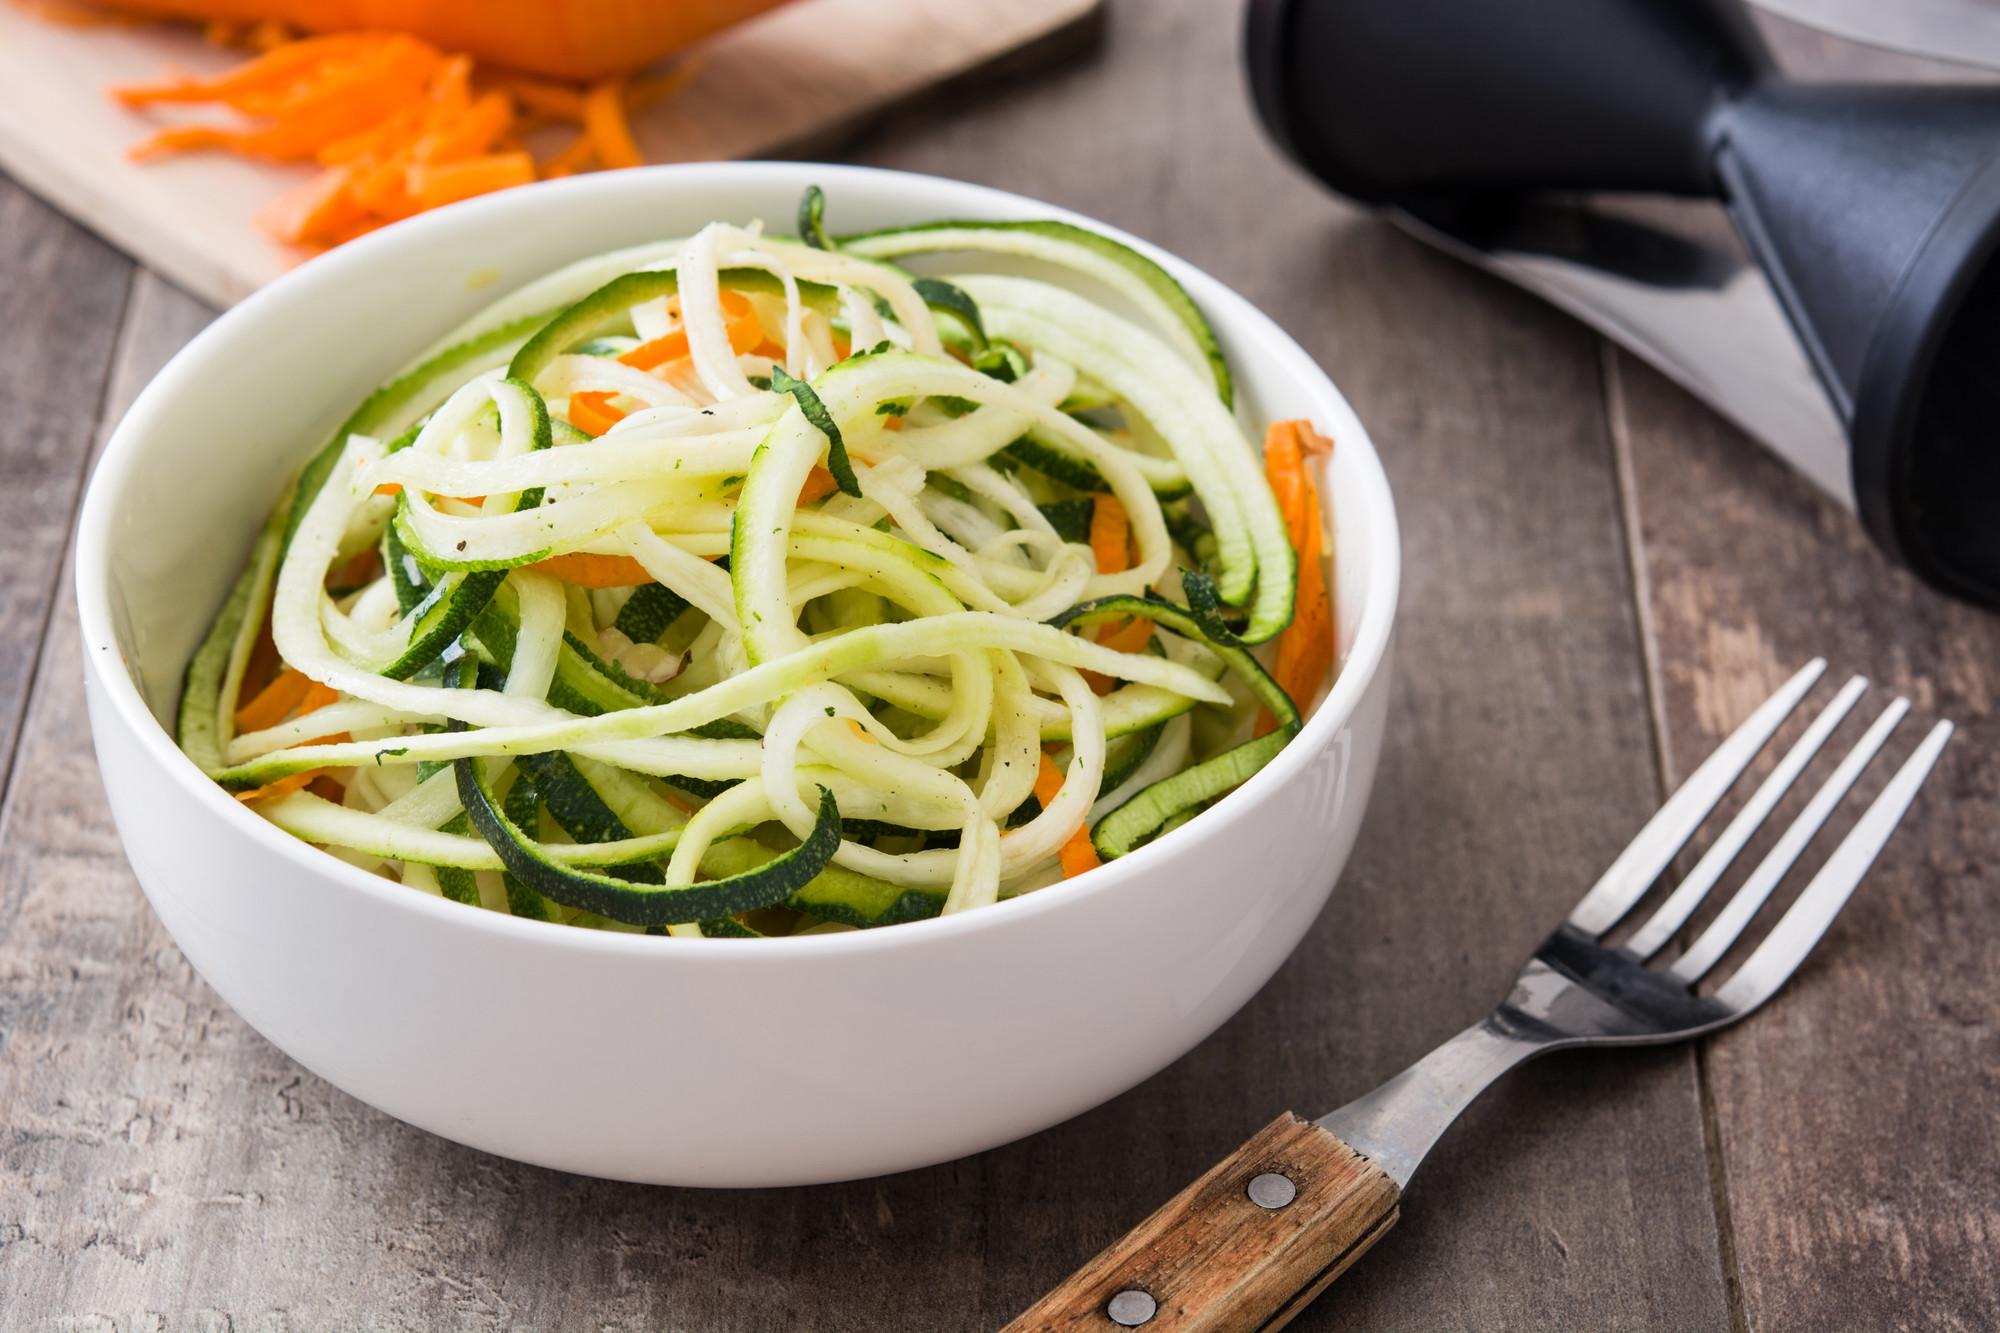 Как засолить цукини на зиму в банках: самые вкусные рецепты засолки кабачков со специями и другими овощами